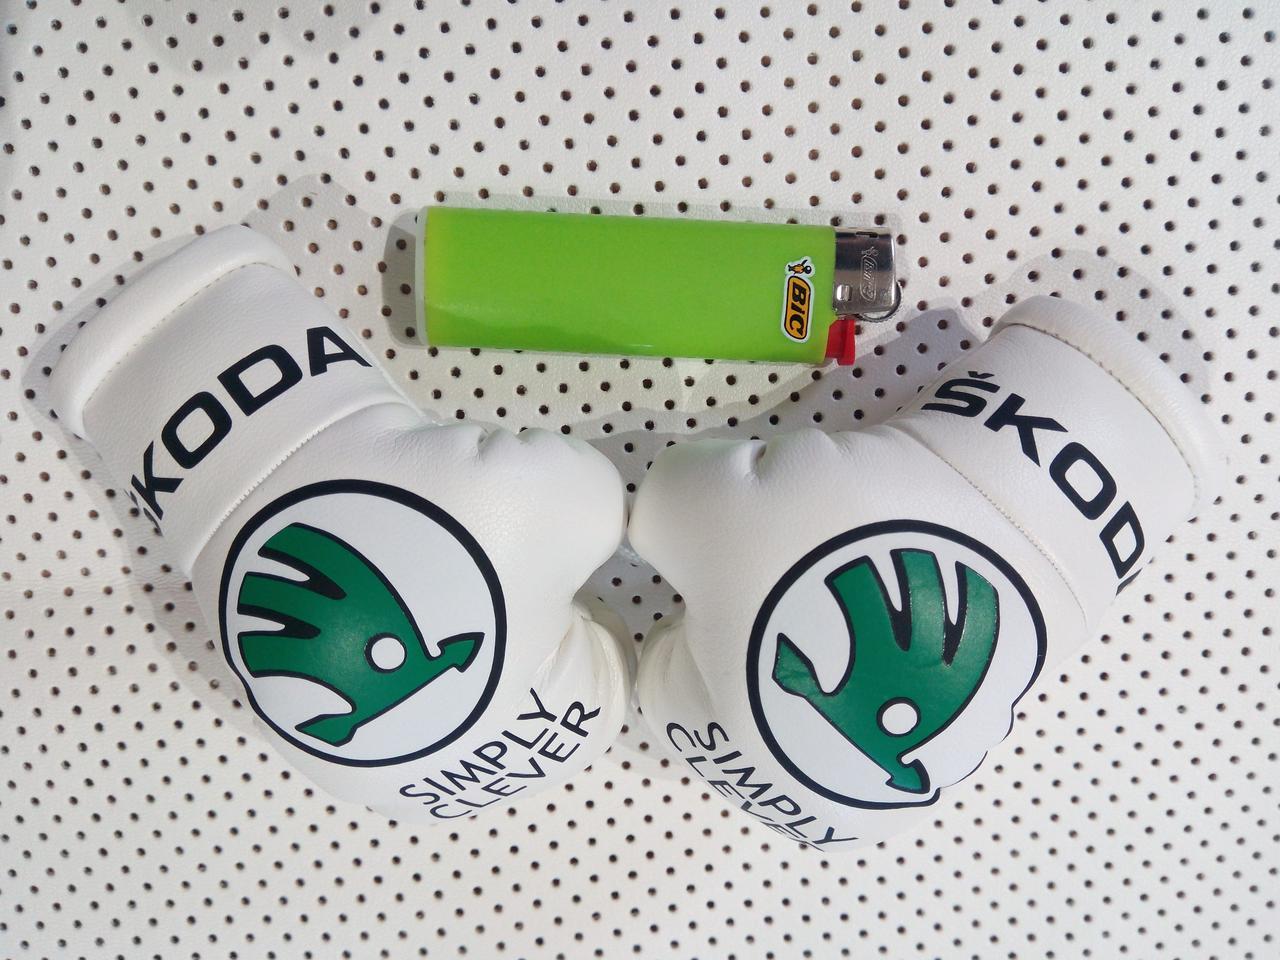 Подвеска боксерские перчатки Авто подарок Аксессуары в машину для мужчин Подарок в машину ШКОДА